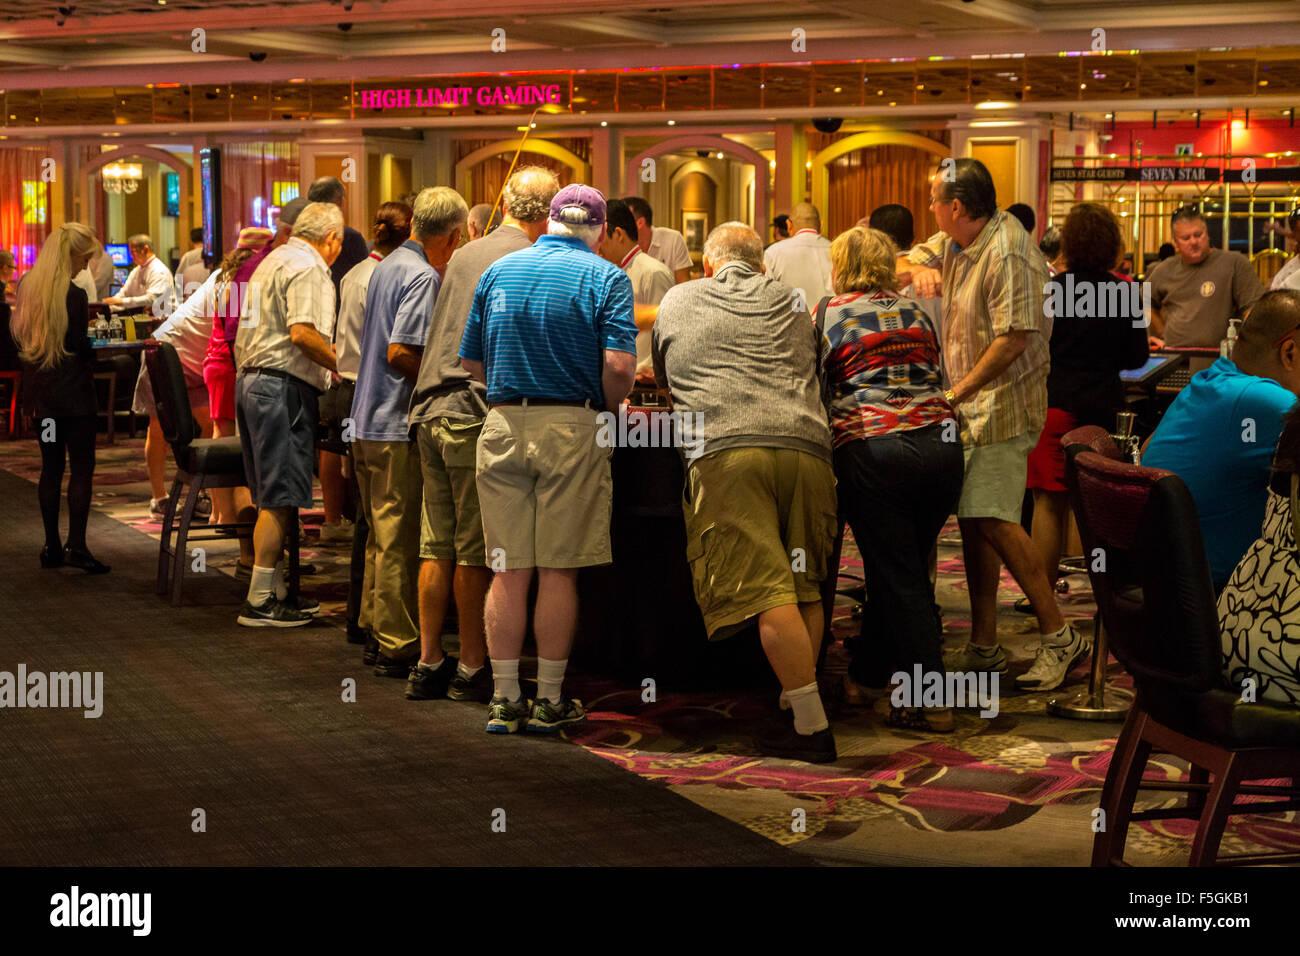 patrons at gaming tables stock image - Gaming Tables